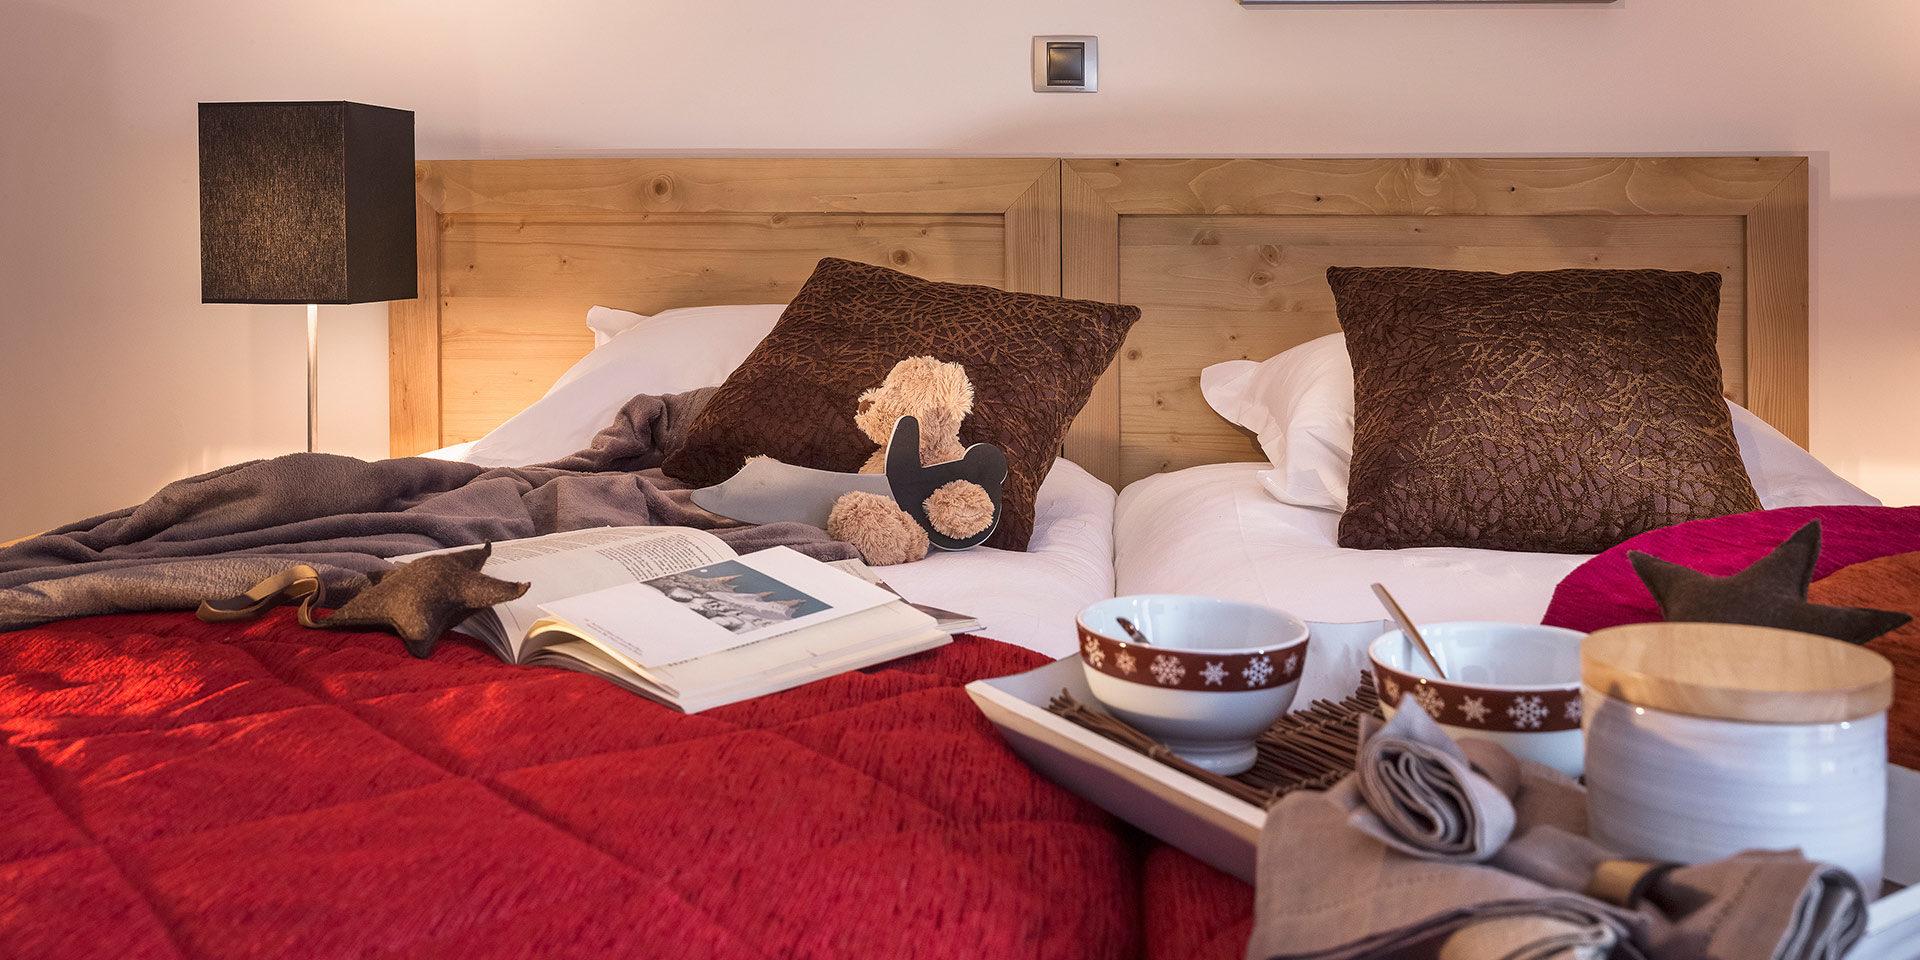 CGH Kalinda Tignes Les Boisses Tignes-Val d'Isere Frankrijk wintersport skivakantie luxe appartement slaapkamer 2 bedden kinderen knuffel ontbijt op bed ontspannen vakantie gezin